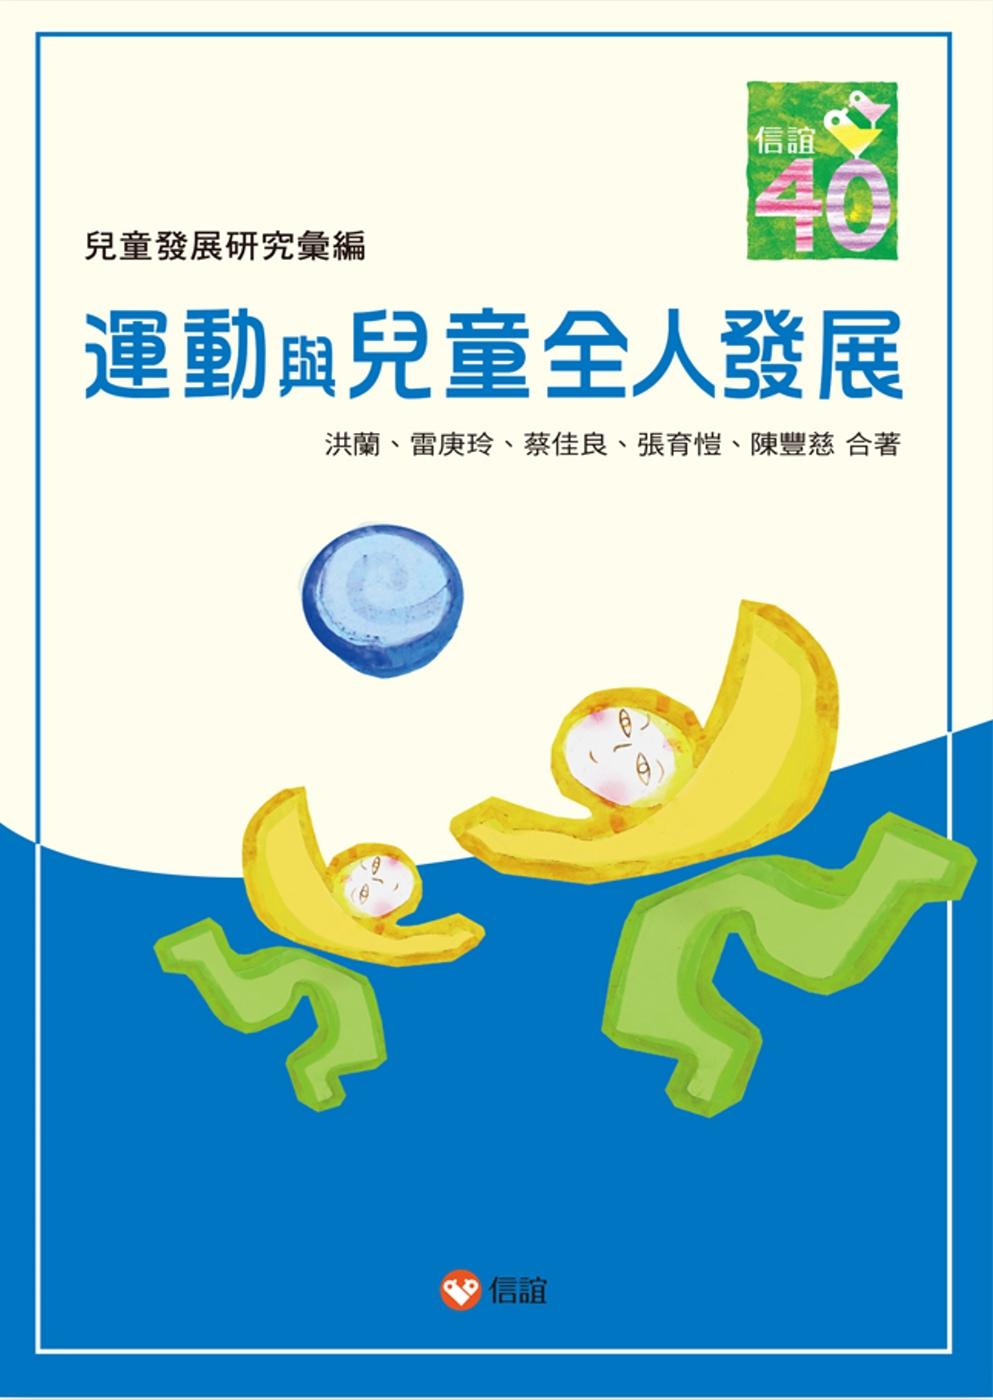 兒童發展研究彙編 運動與兒童全人發展